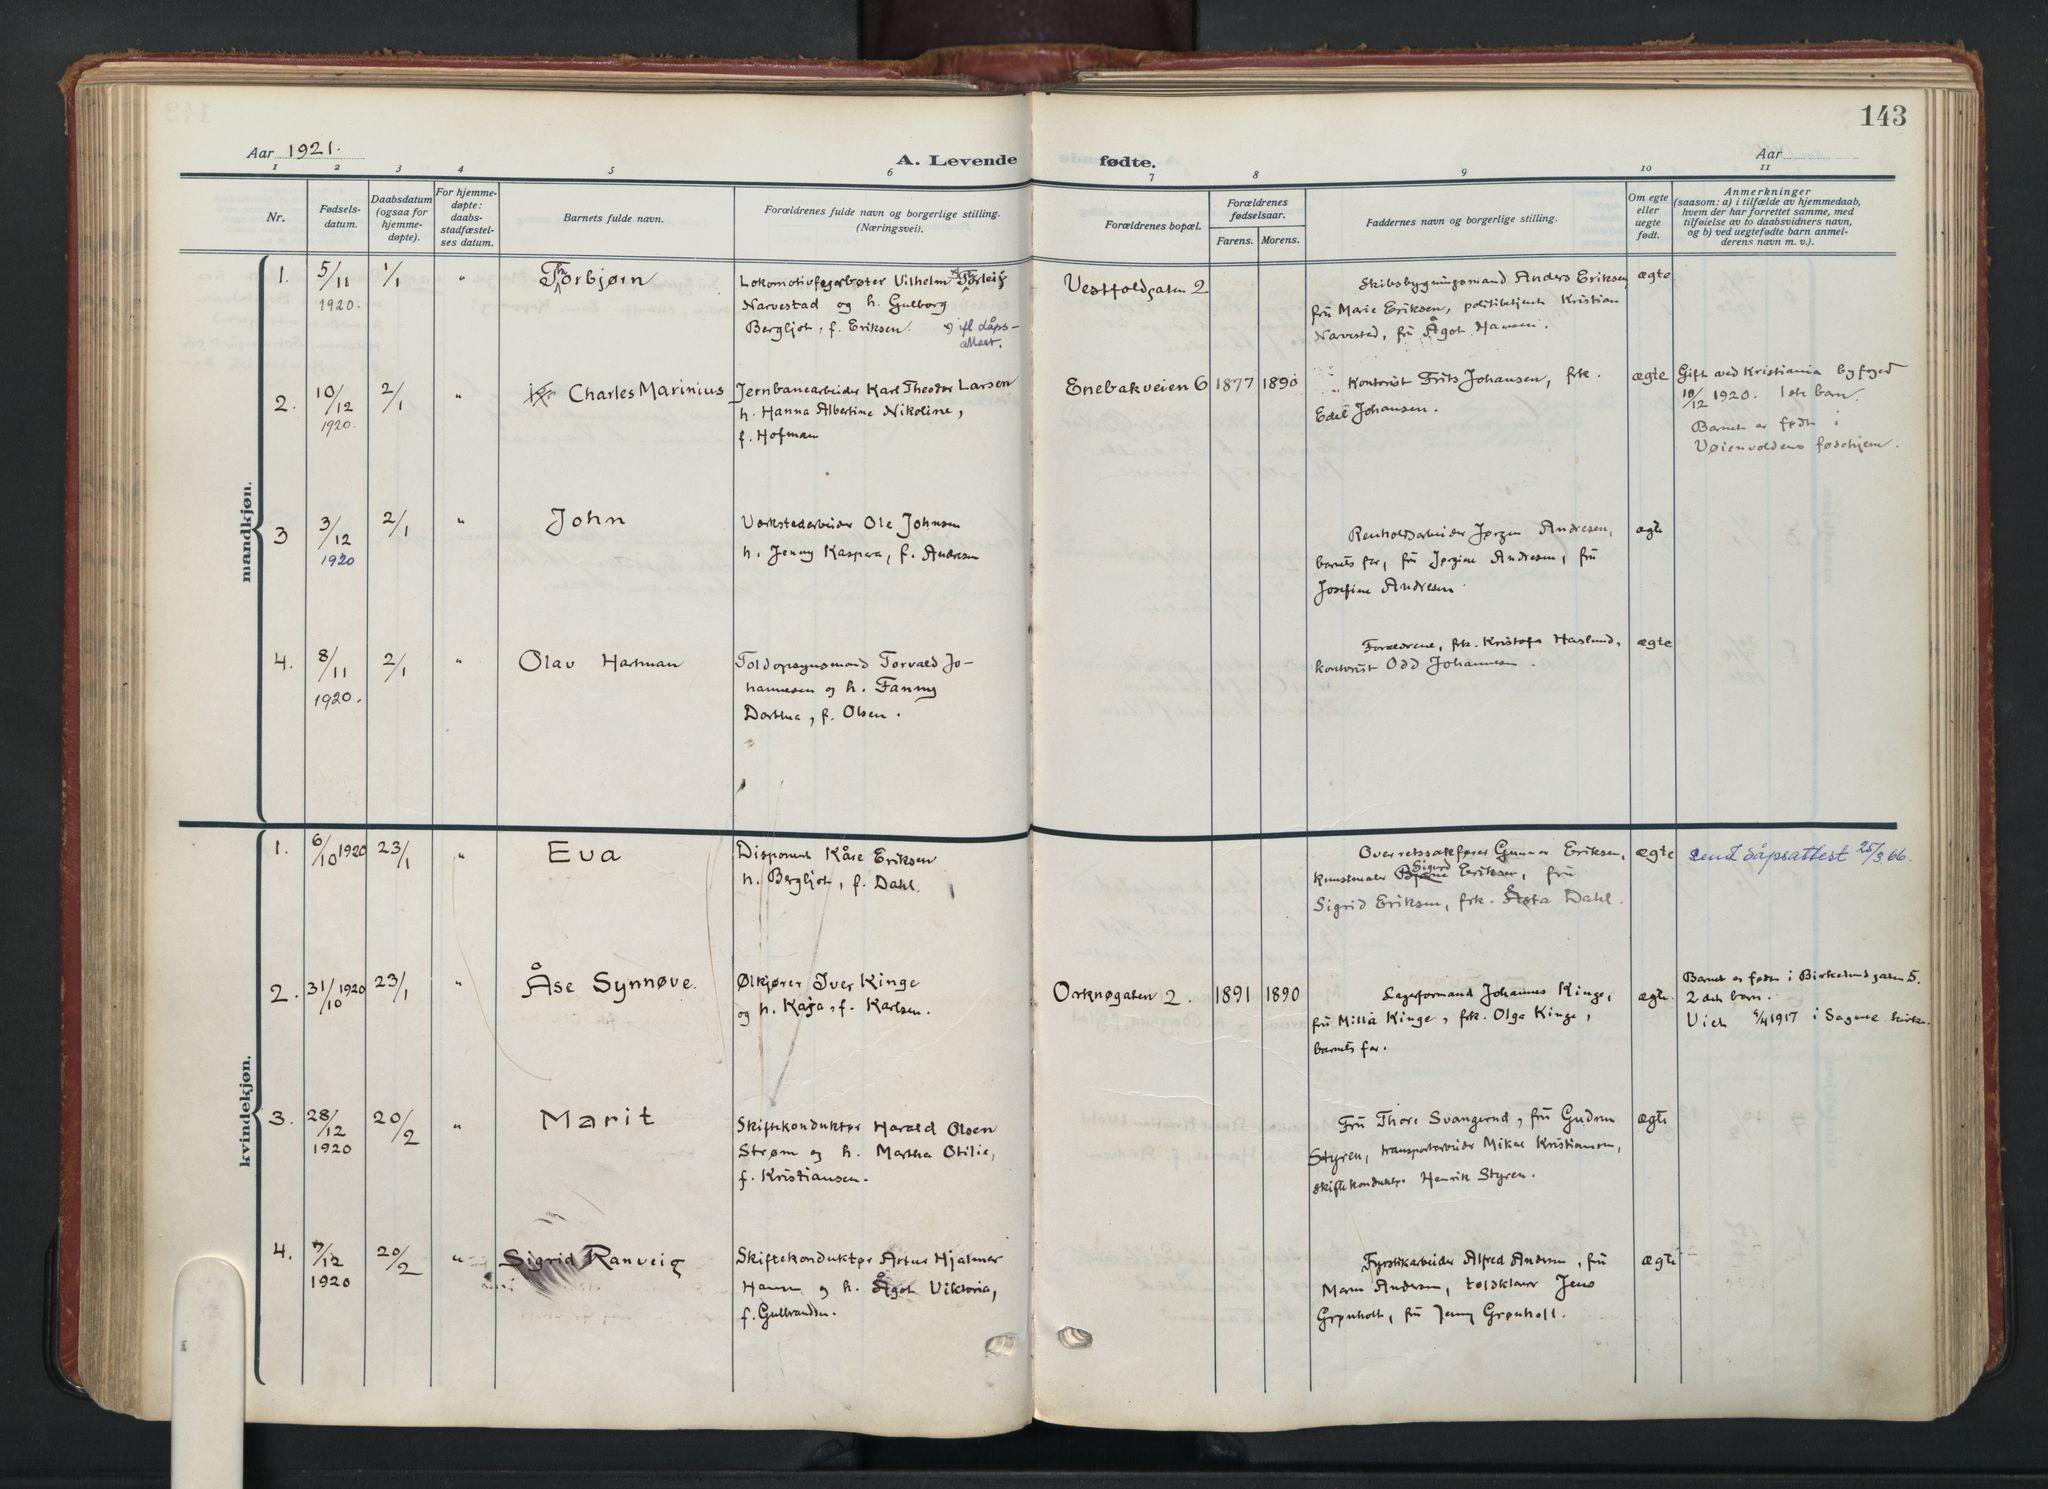 SAO, Vålerengen prestekontor Kirkebøker, F/Fa/L0004: Ministerialbok nr. 4, 1915-1929, s. 143